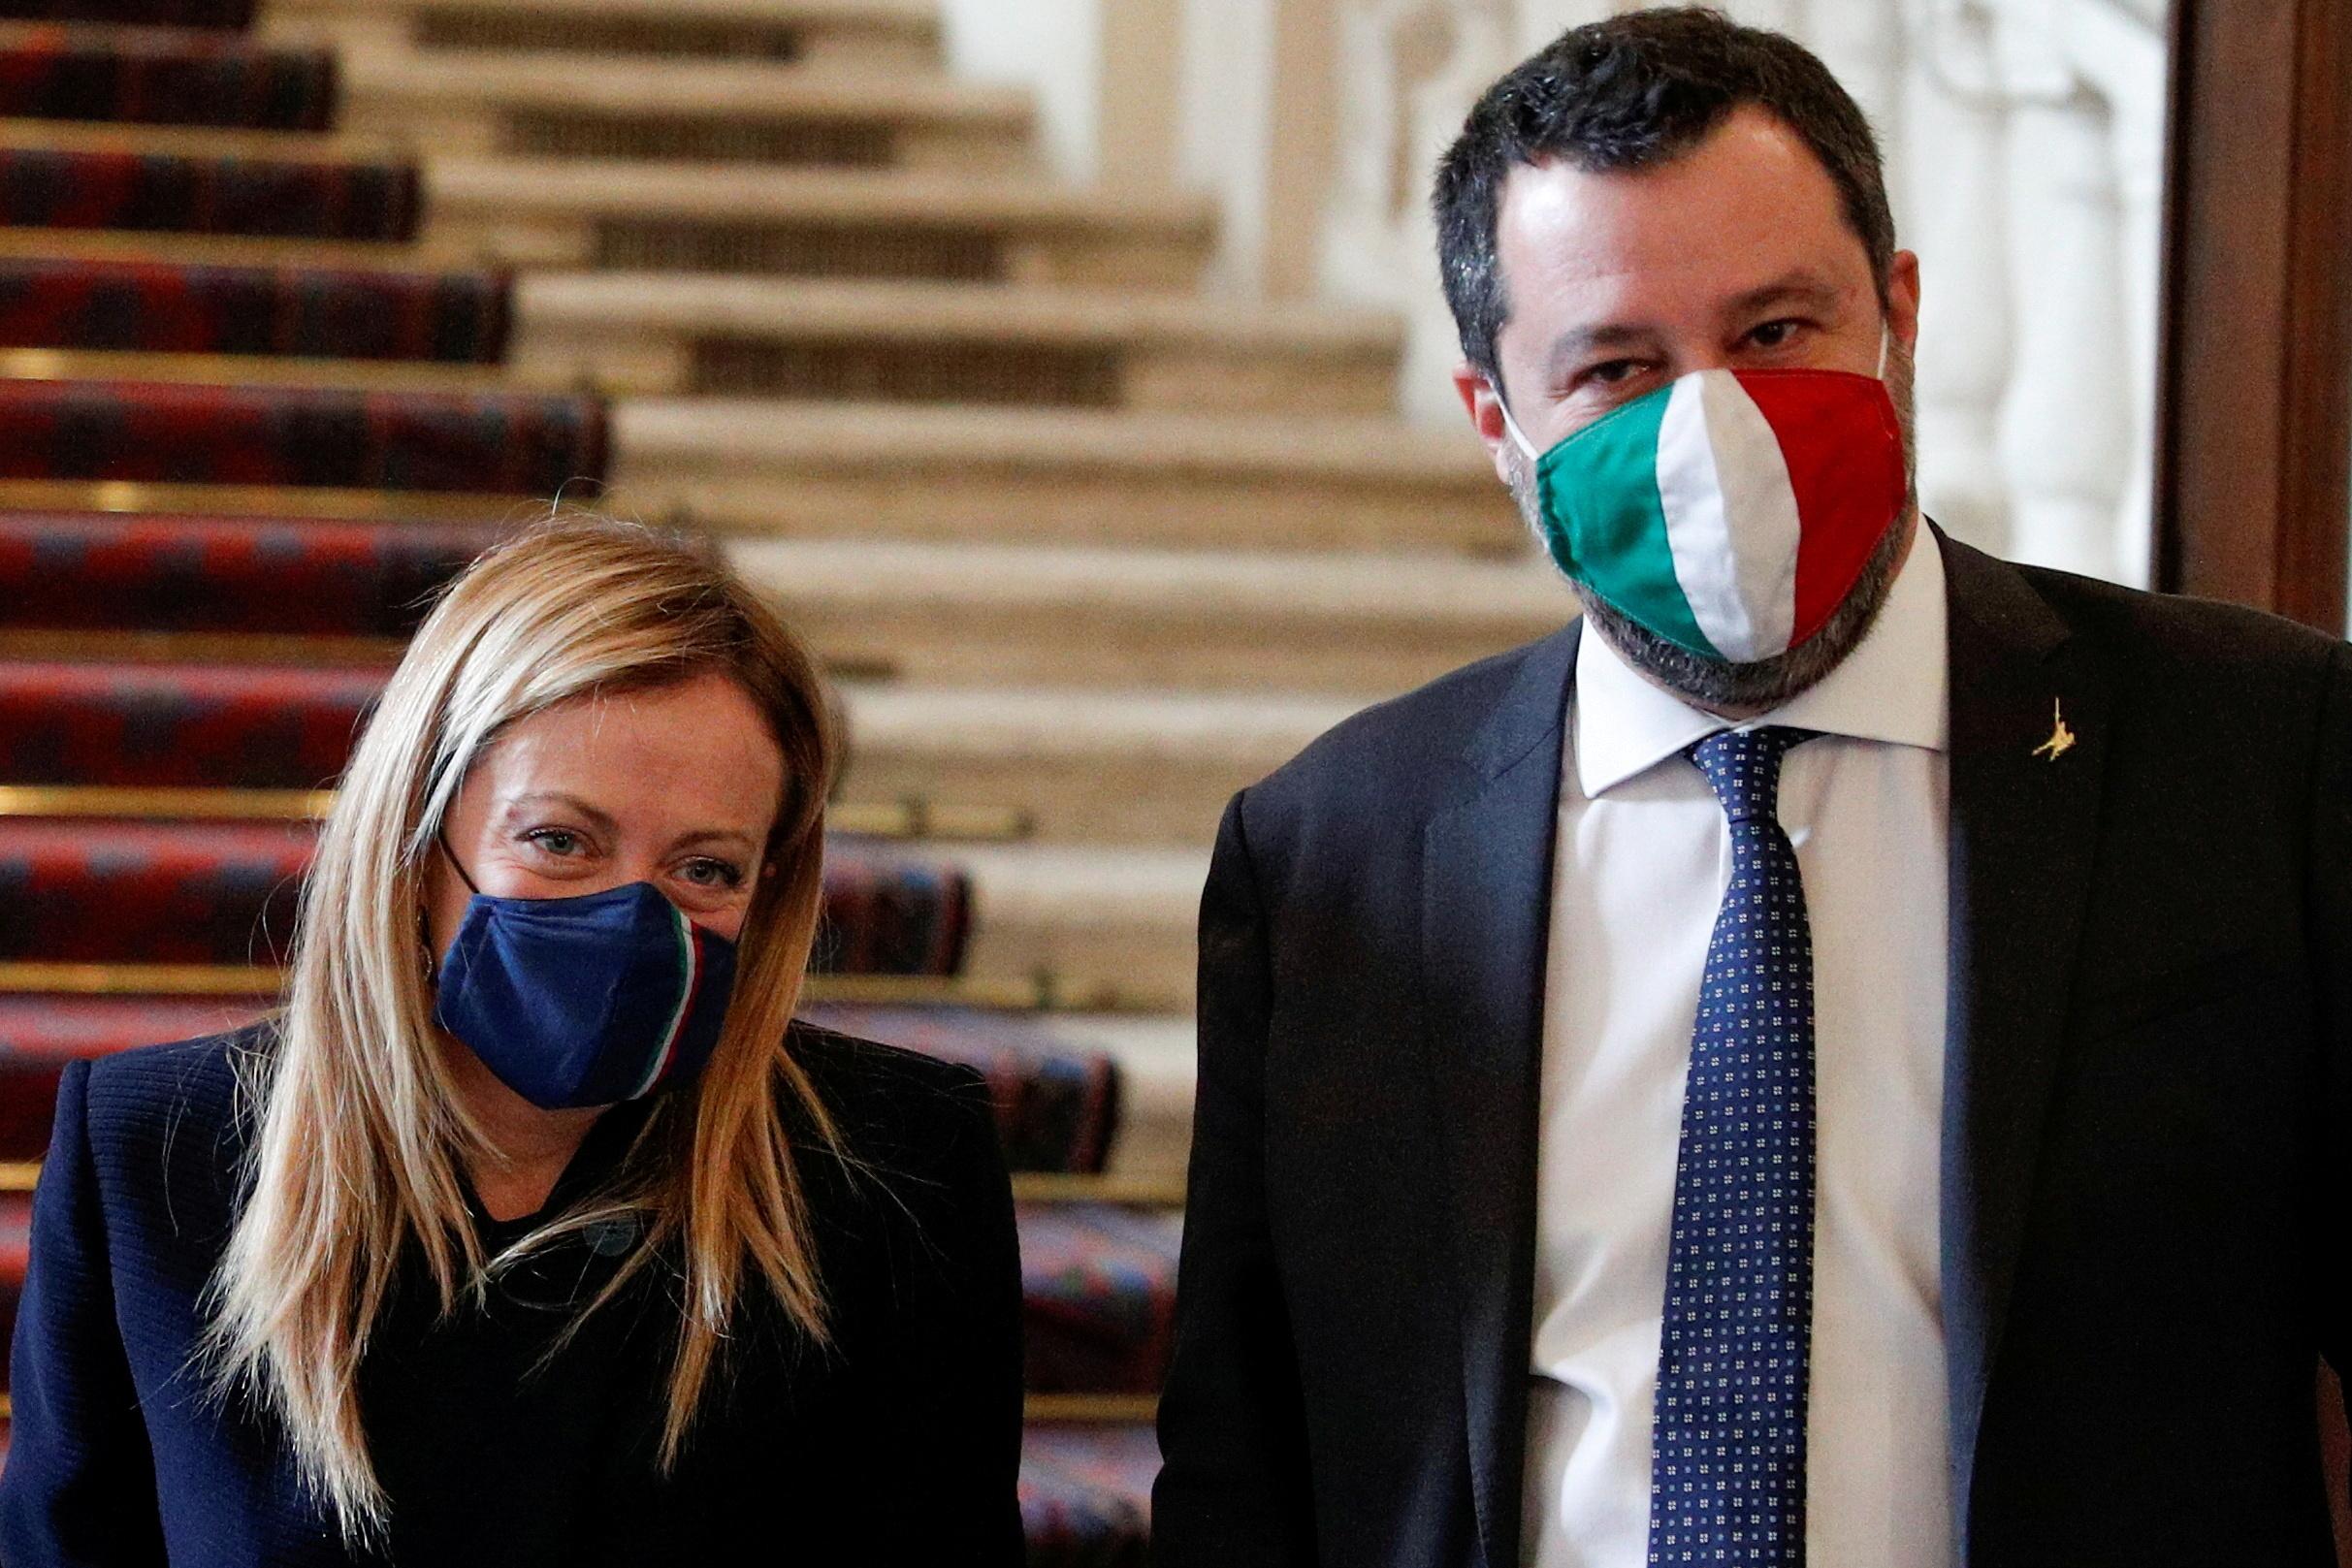 Ιταλία: Δημοσκοπική «πρωτιά» για το ακροδεξιό κόμμα «Αδέλφια της Ιταλίας» – Ακολουθεί η «Λέγκα»